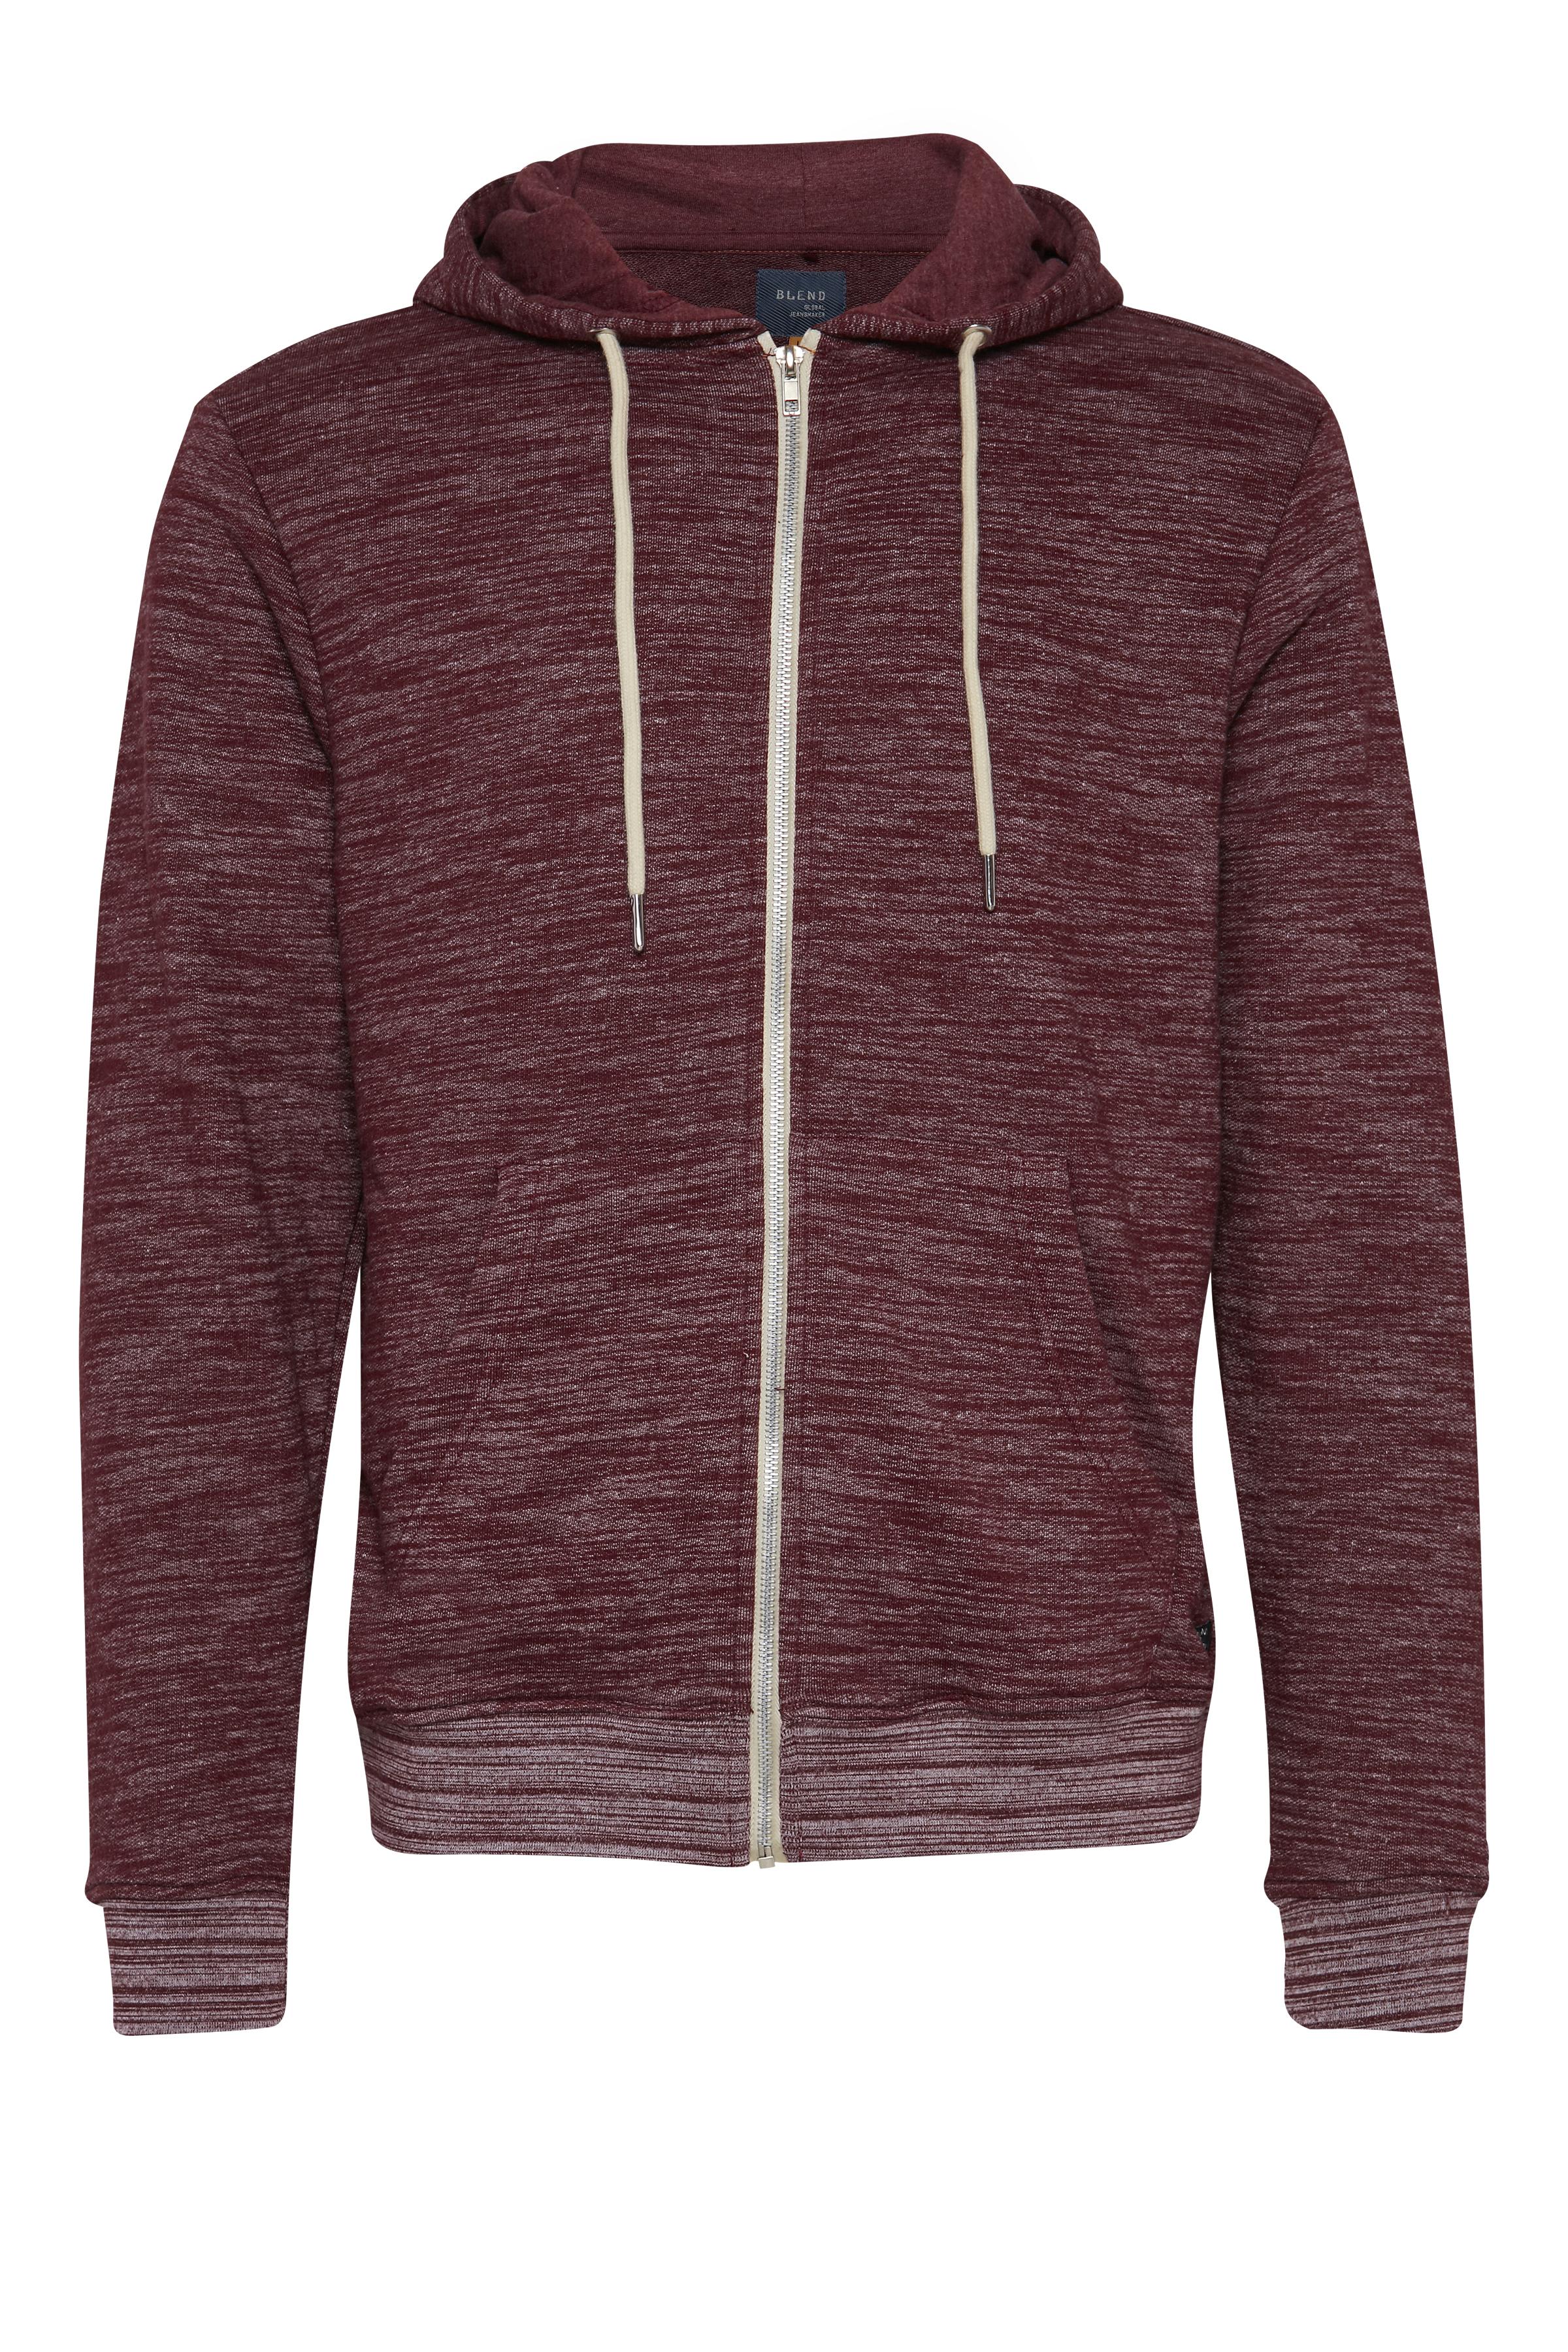 Mørkerød Sweatshirt fra Blend He – Køb Mørkerød Sweatshirt fra str. S-3XL her